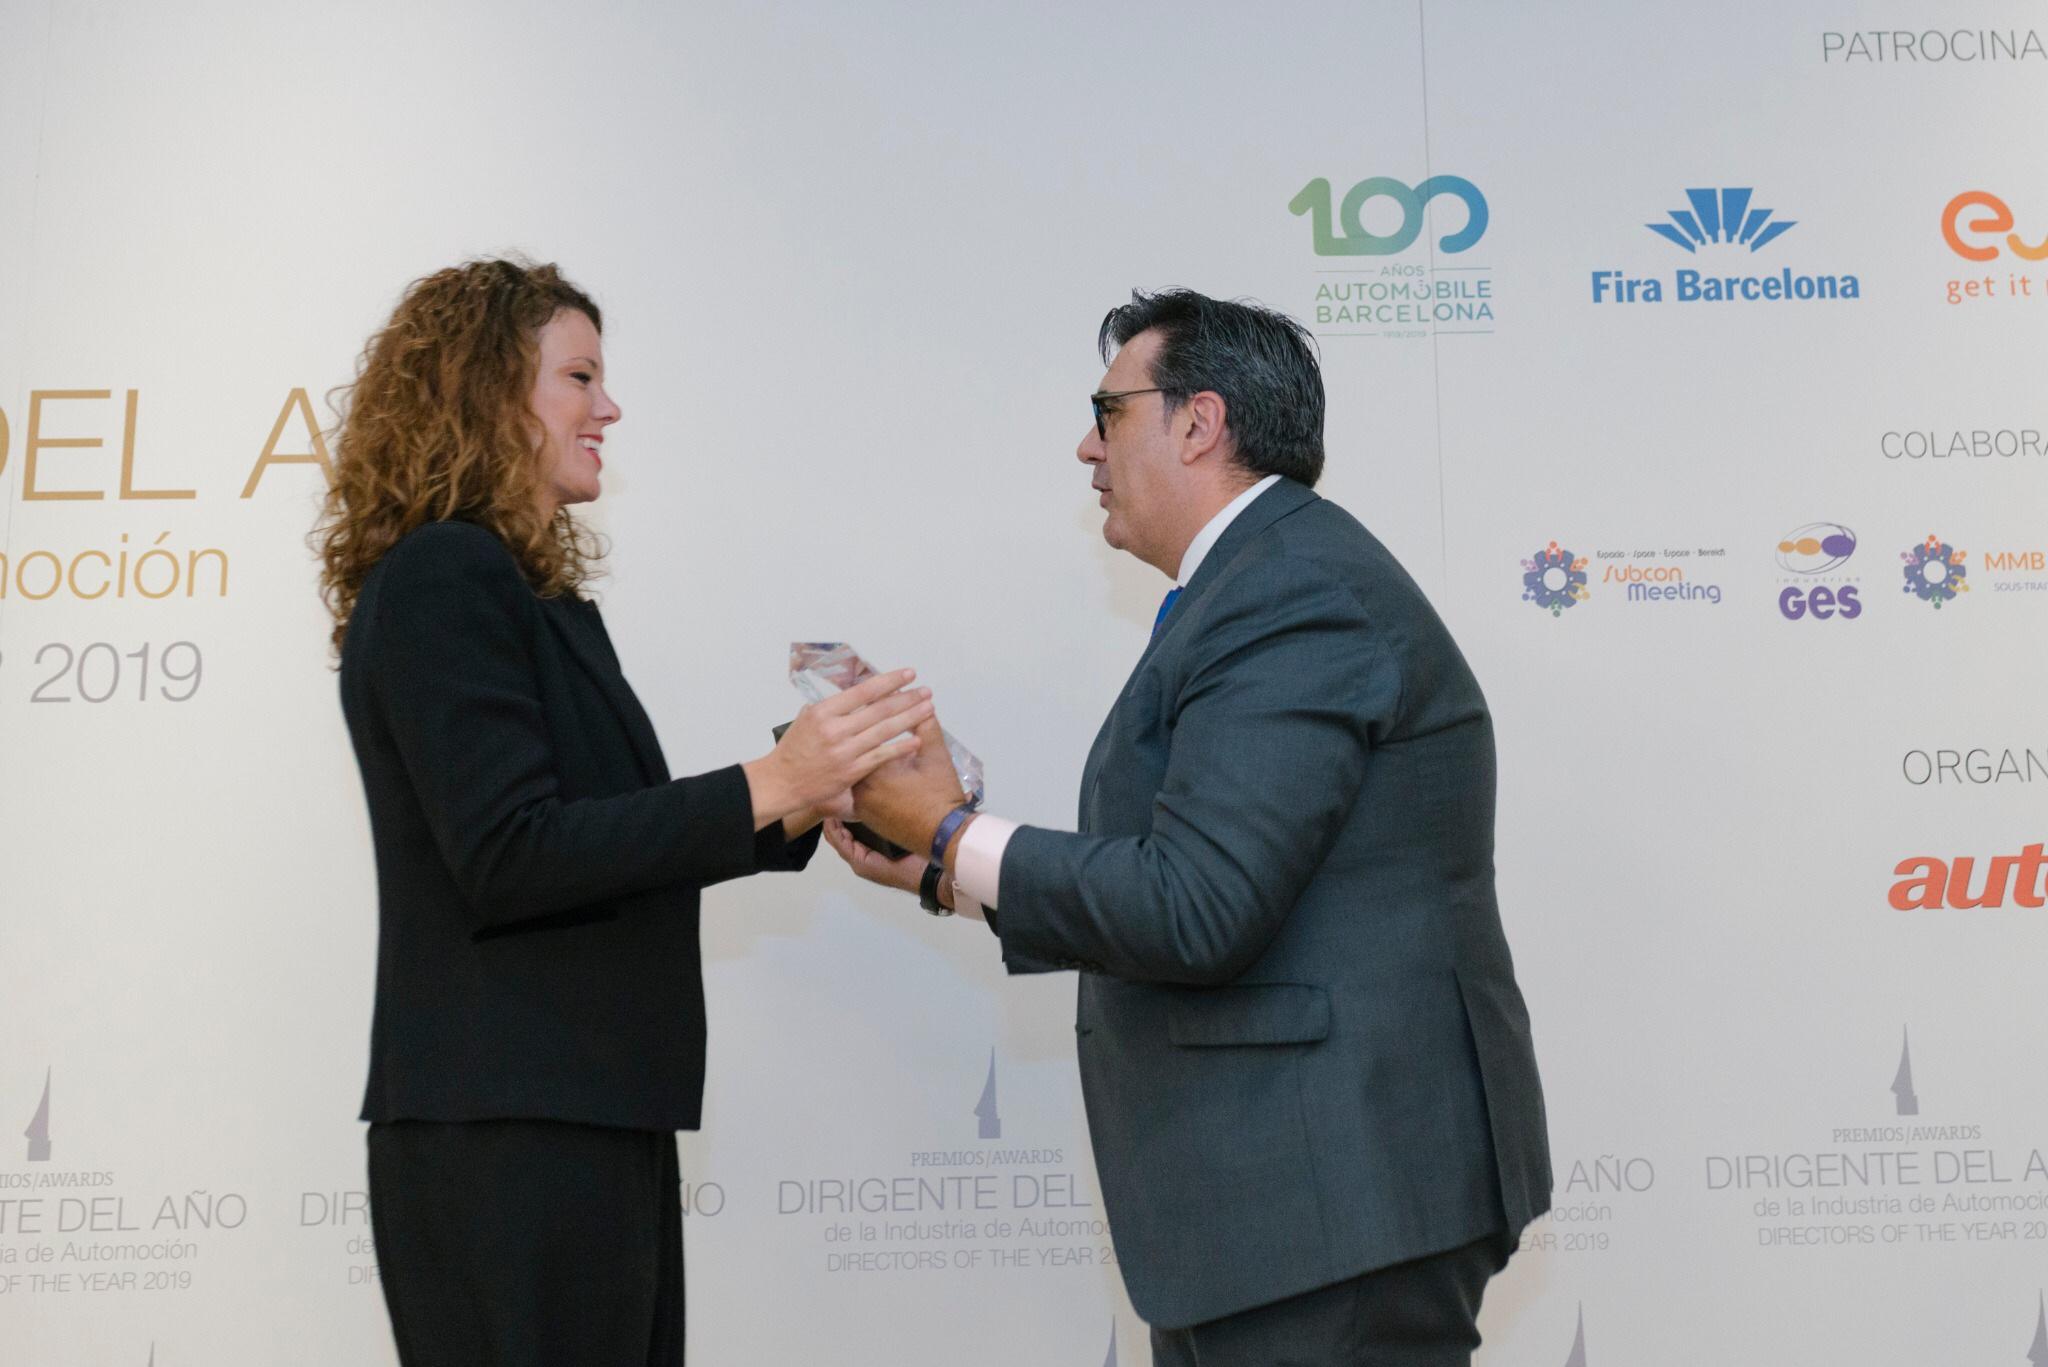 Europea Group patrocina los XXIX Premios Dirigente del Año